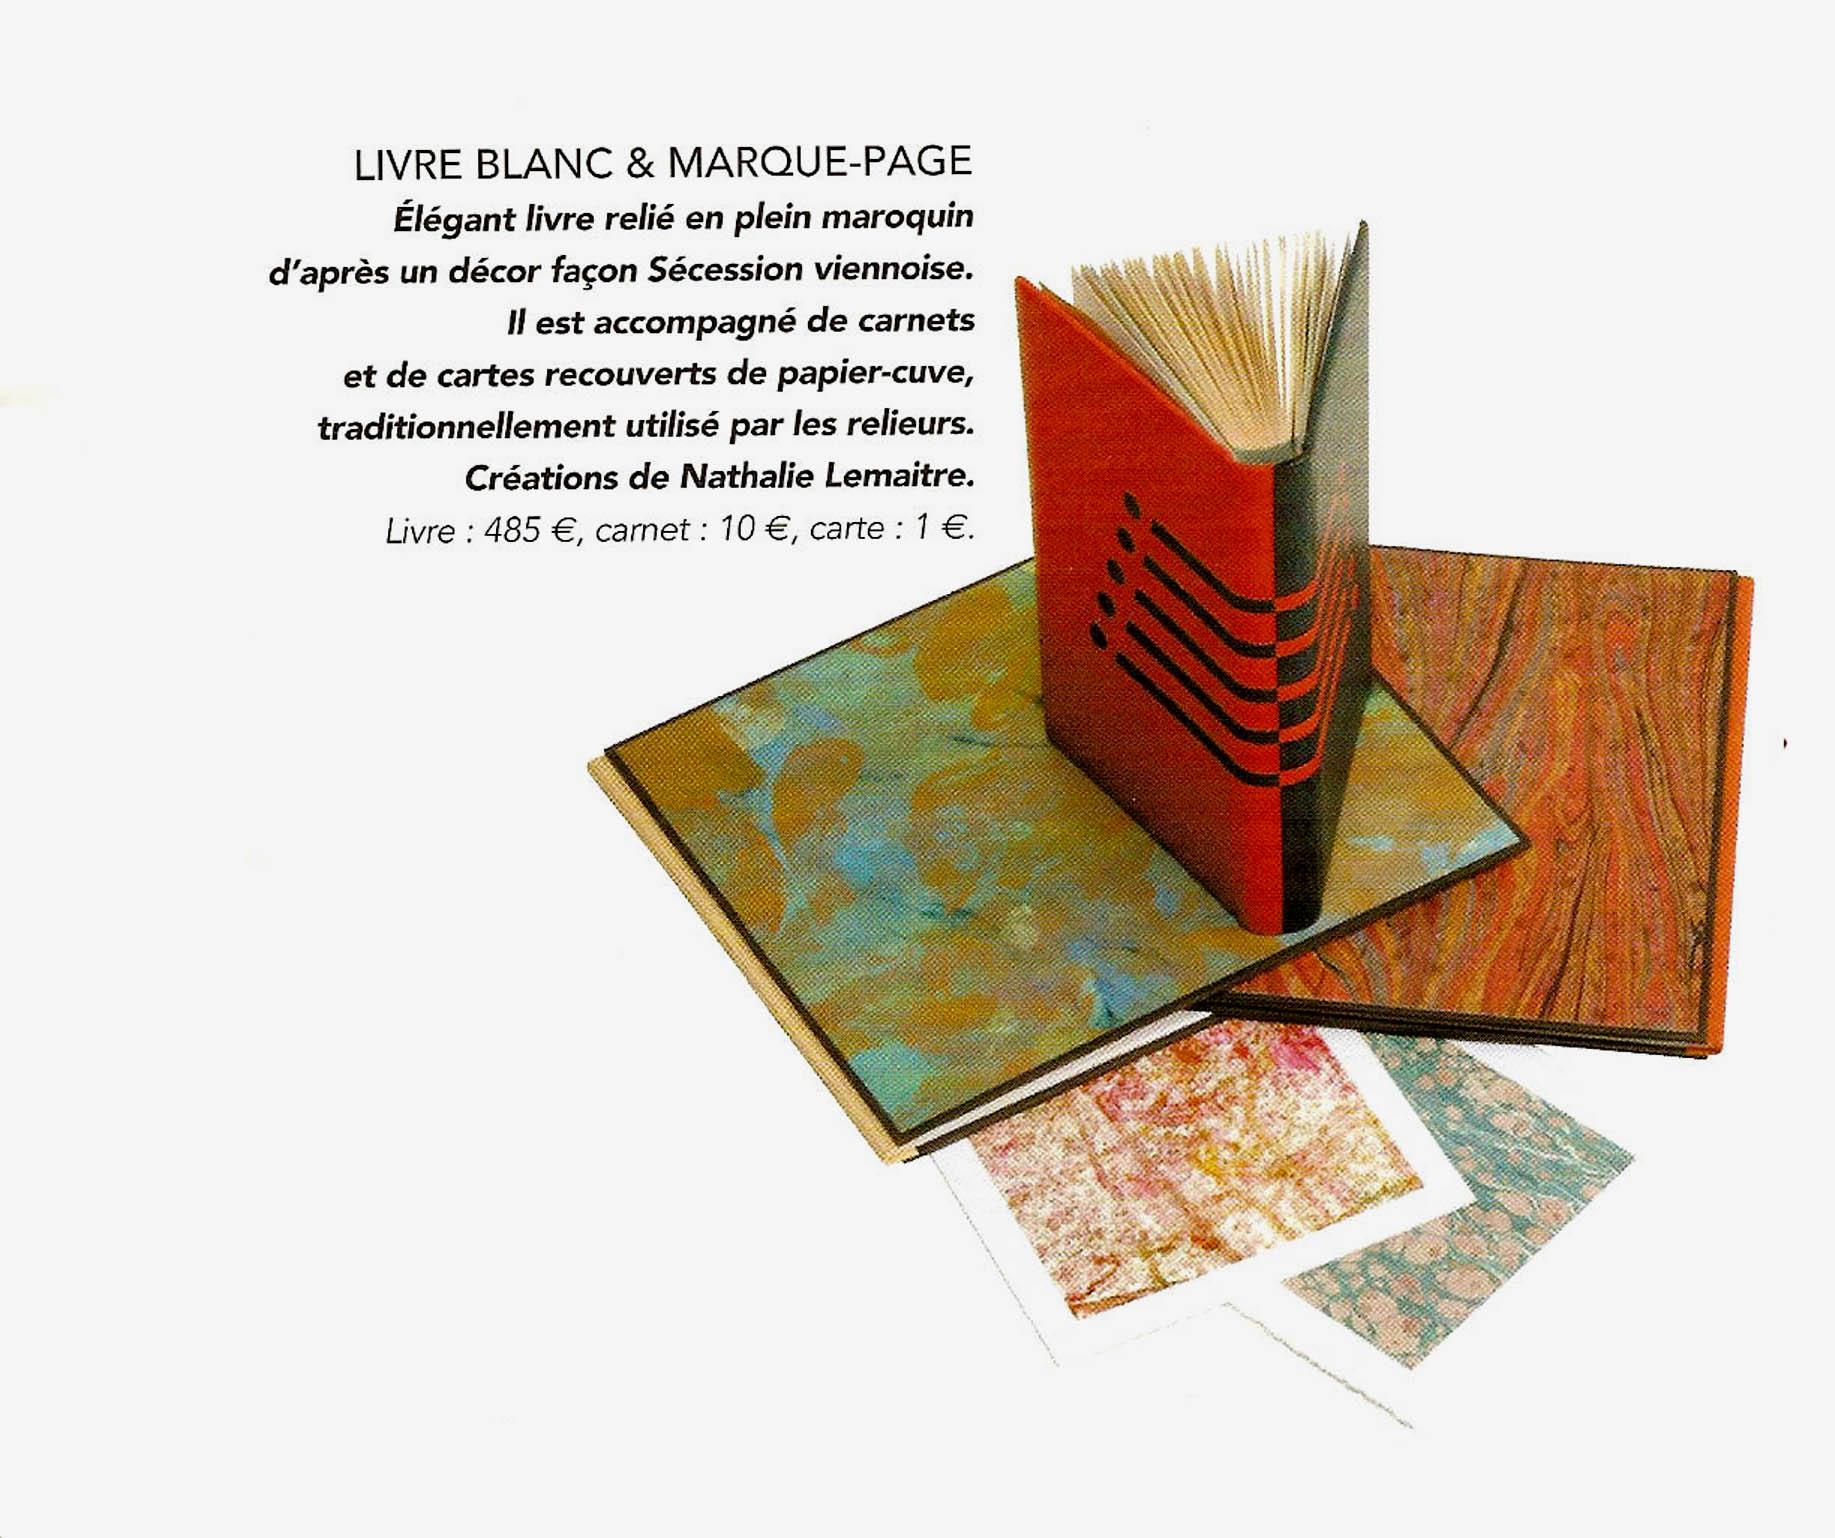 Livre blanc et Marque page